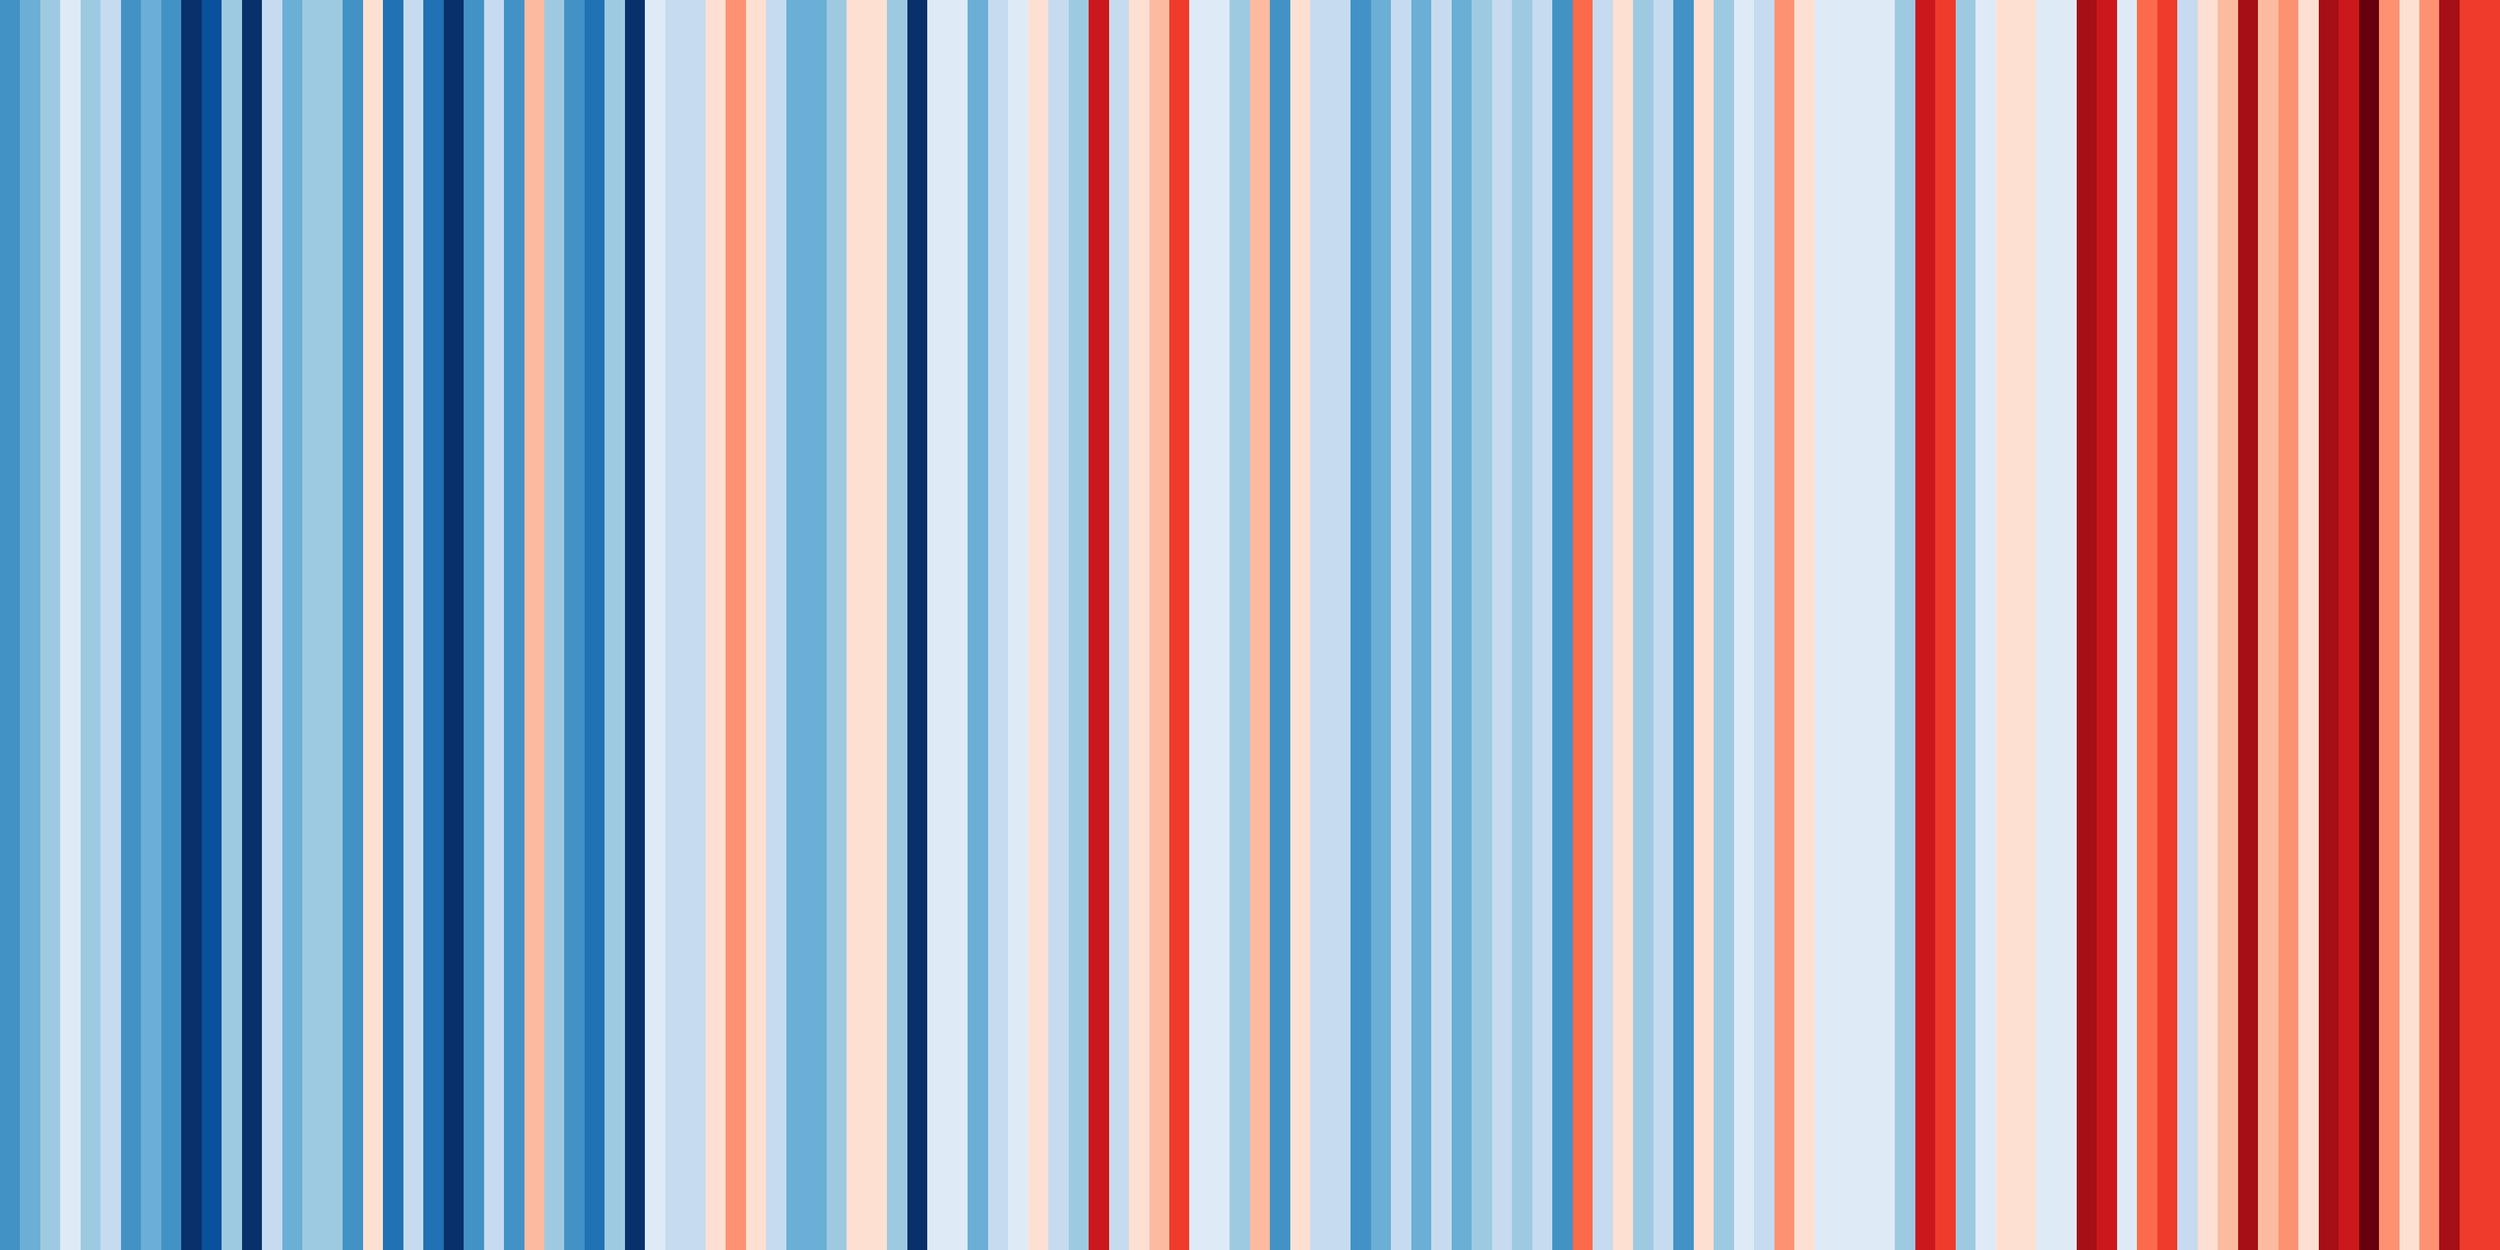 _stripes_NORTH_AMERICA-USA-Massachusetts-1895-2018-NO.png